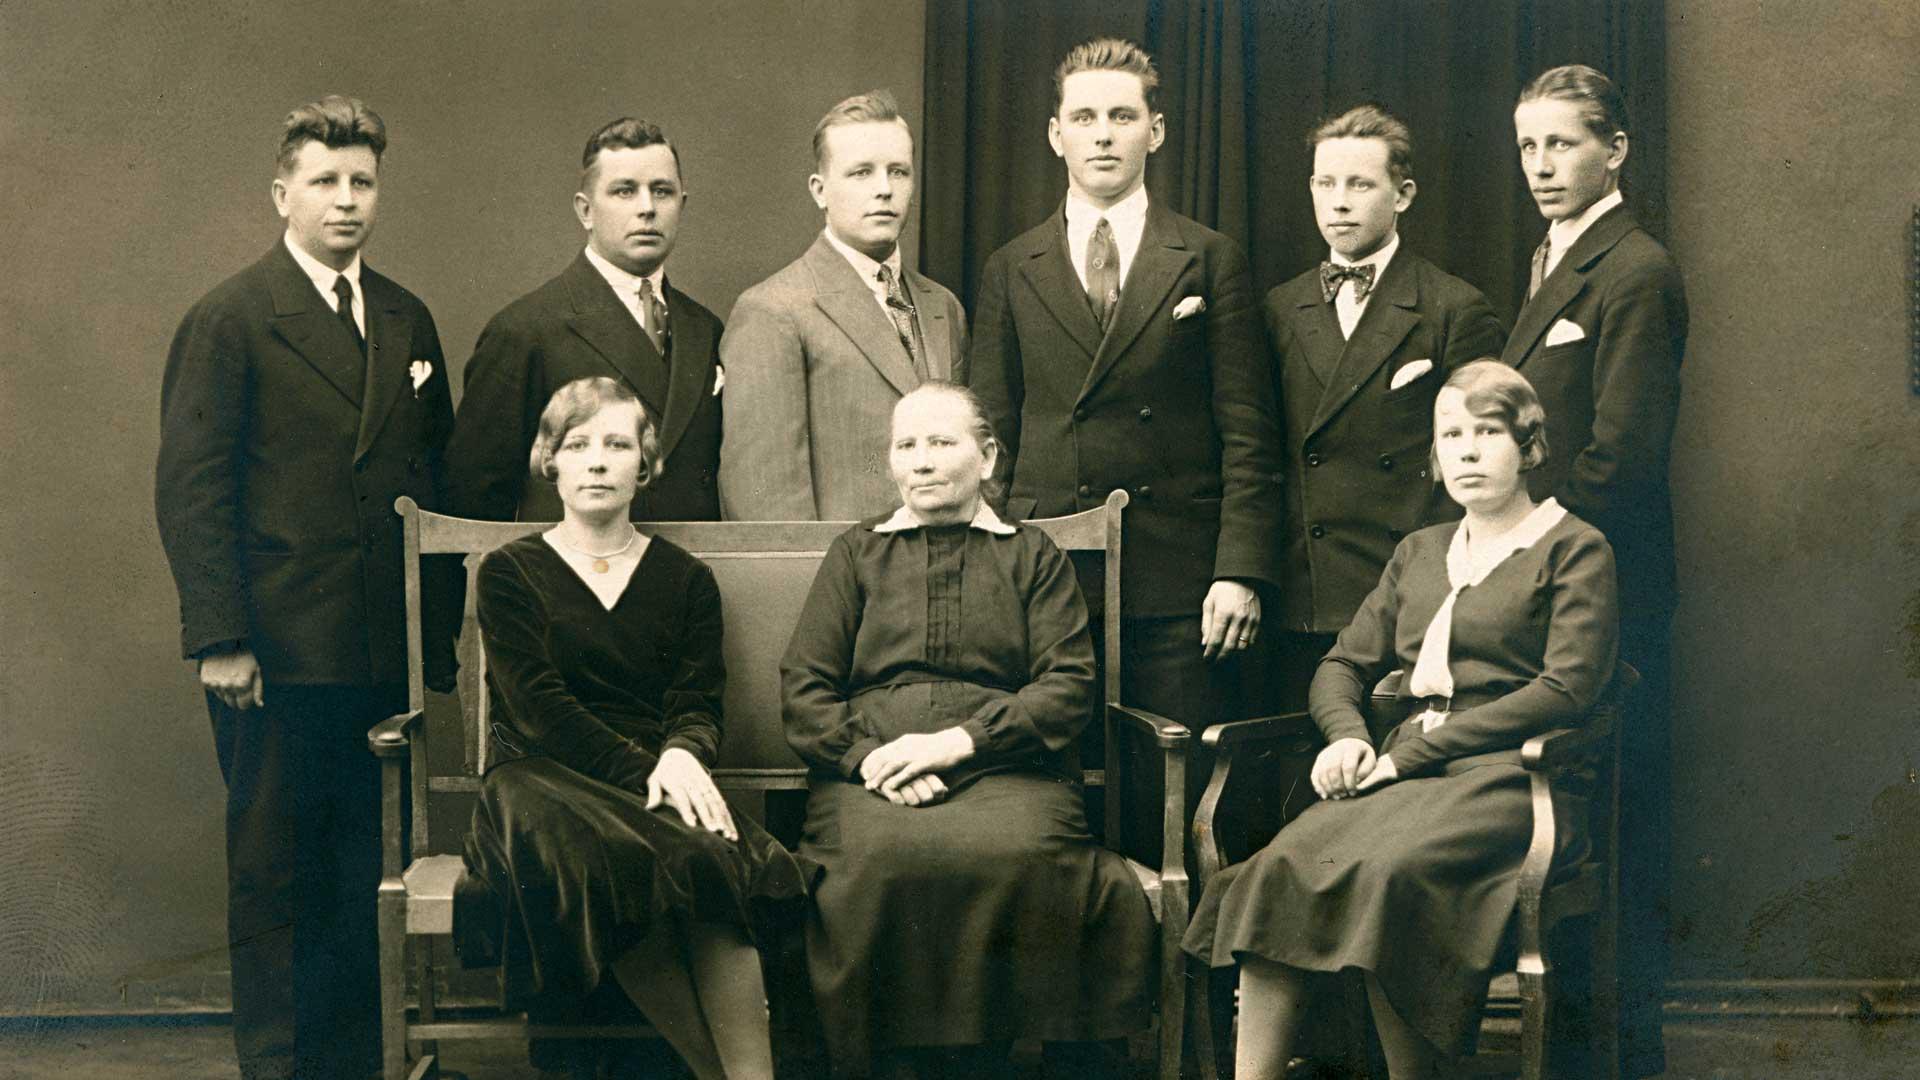 Äiti ja lapset perhekuvassa 1930-luvulla. Istumassa Arla, Manta-äiti ja Helvi, takana pojat ikäjärjestyksessä Martti, Jaakko, Bruno, Yrjö, Toivo ja Timo.